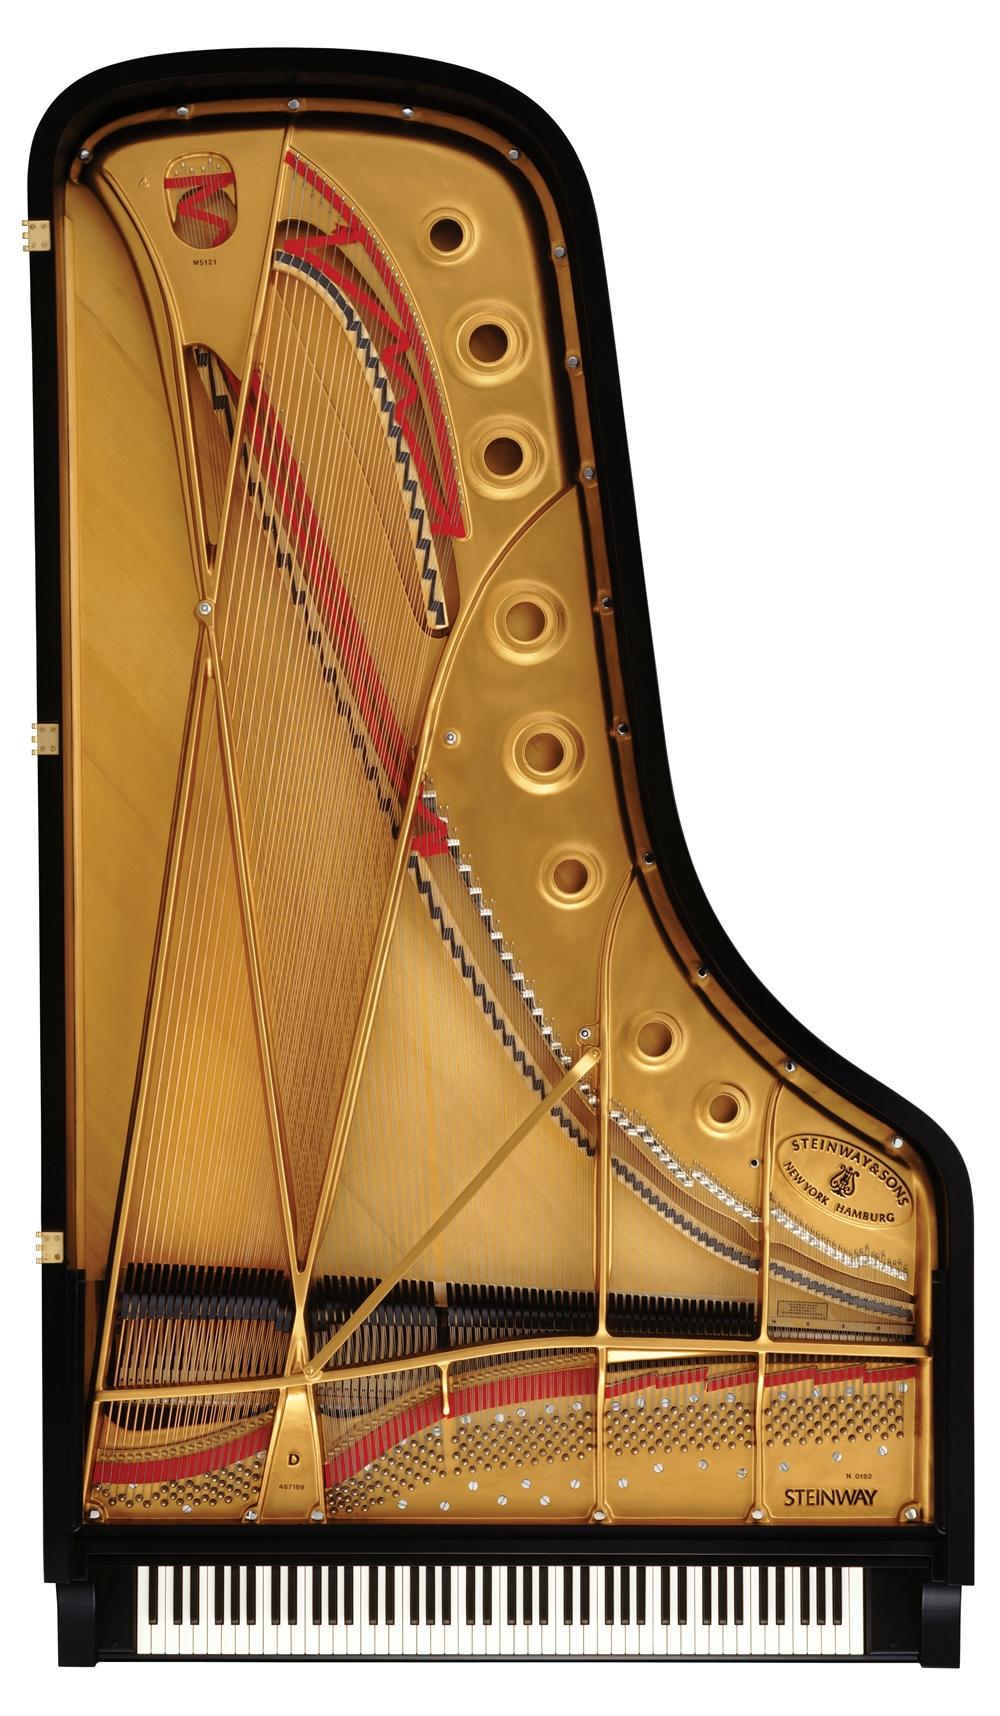 Amro Music Steinway 9 Concert Grand